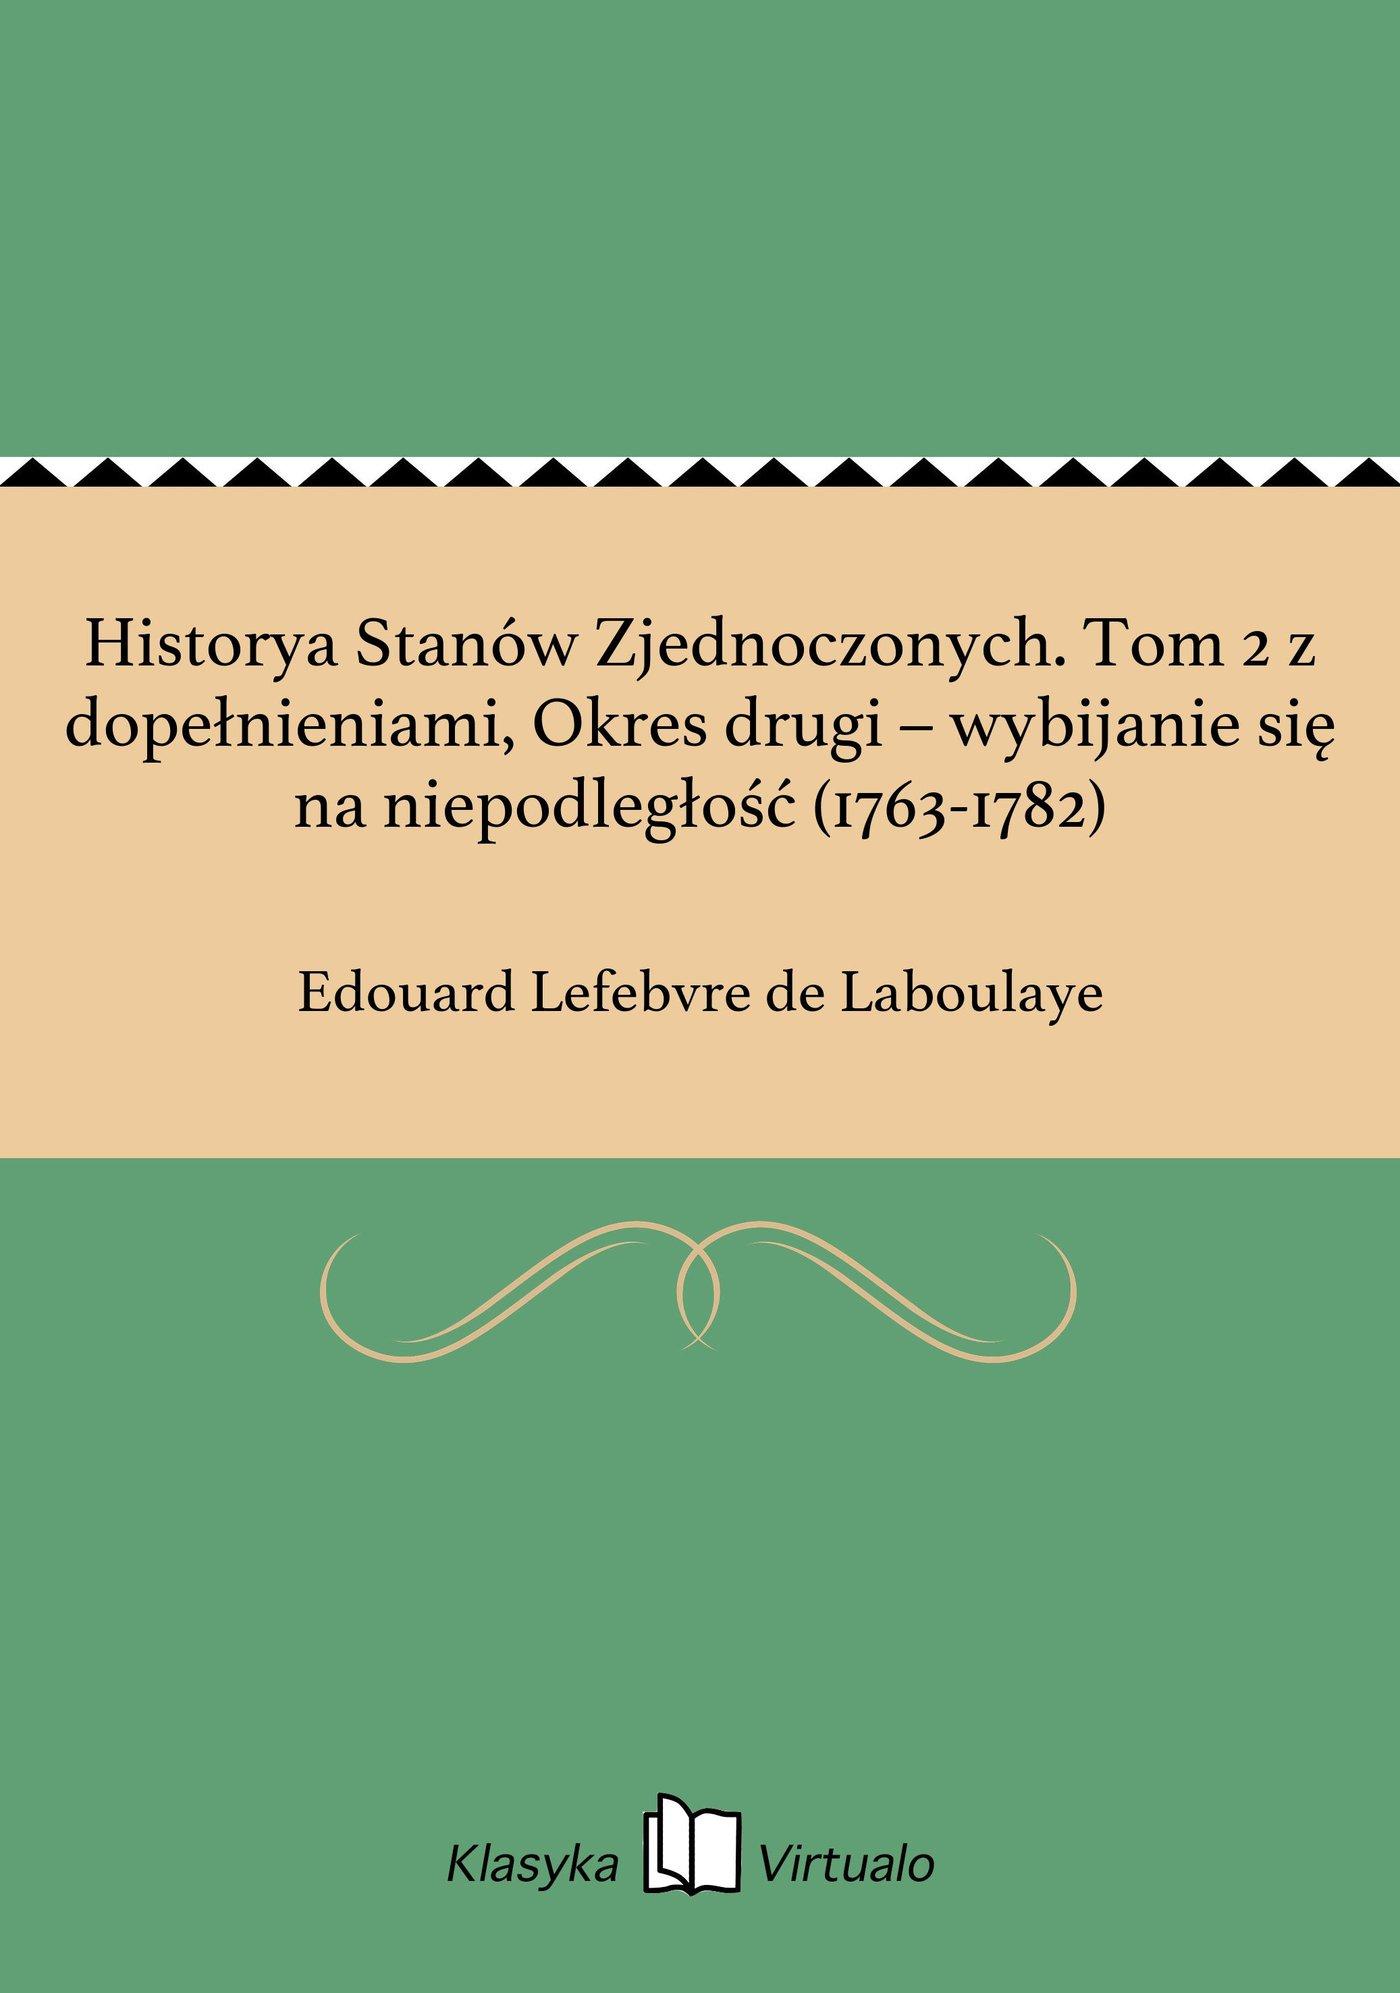 Historya Stanów Zjednoczonych. Tom 2 z dopełnieniami, Okres drugi – wybijanie się na niepodległość (1763-1782) - Ebook (Książka EPUB) do pobrania w formacie EPUB